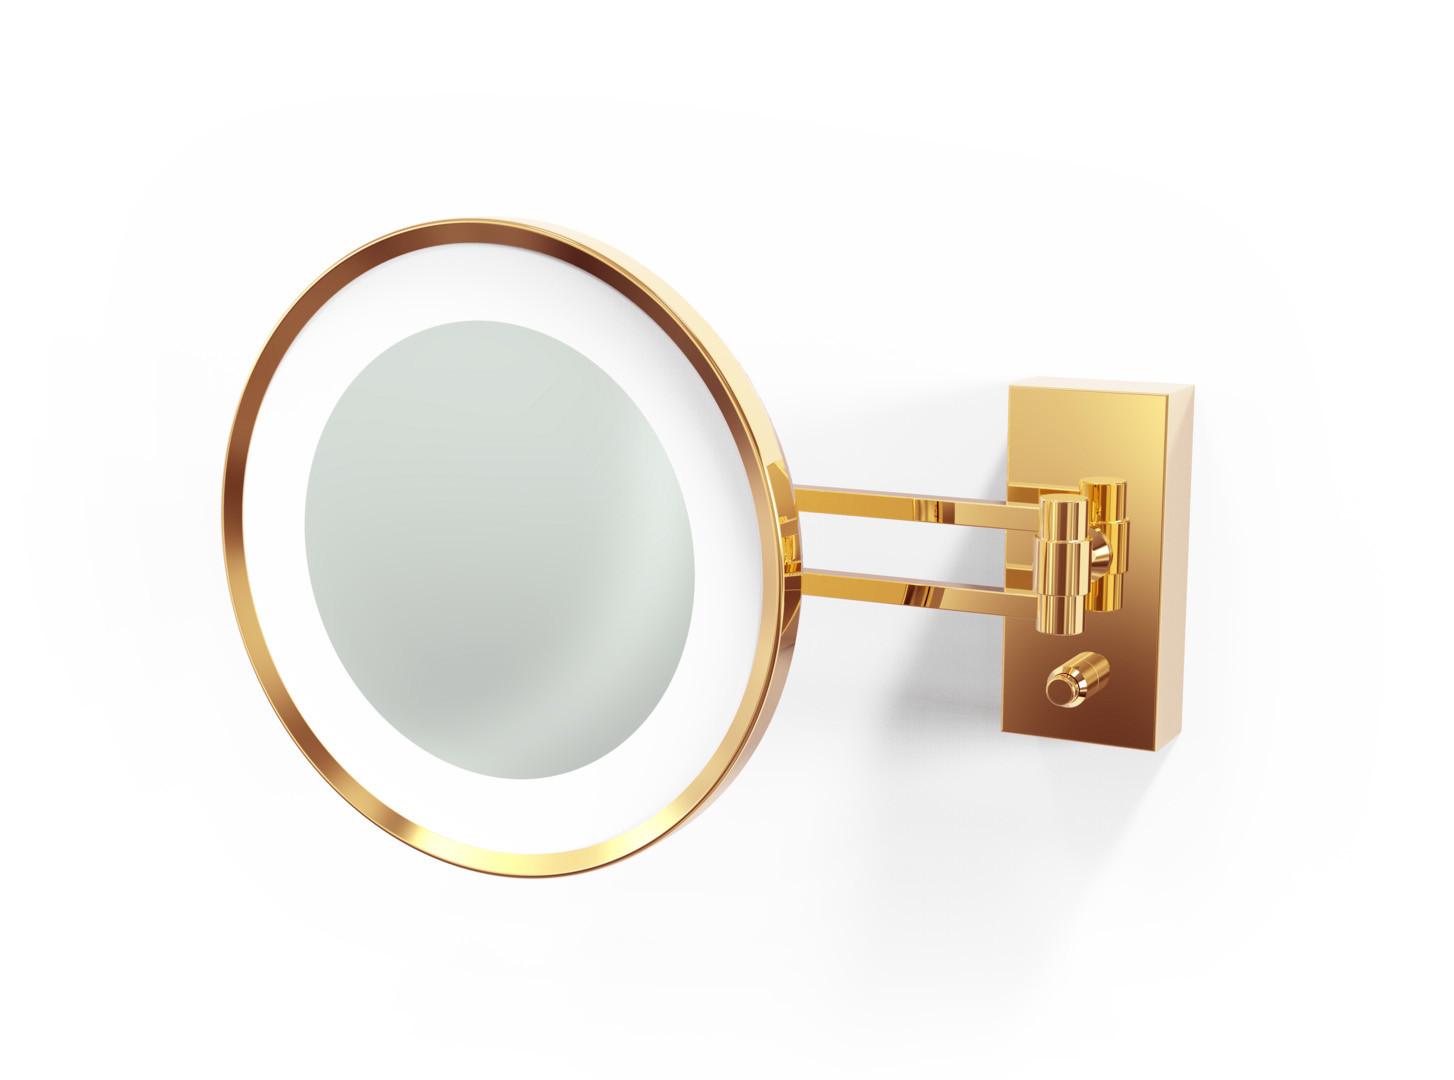 Lusterko kosmetyczne ścienne LED 3x Decor Walther BS 36 Gold